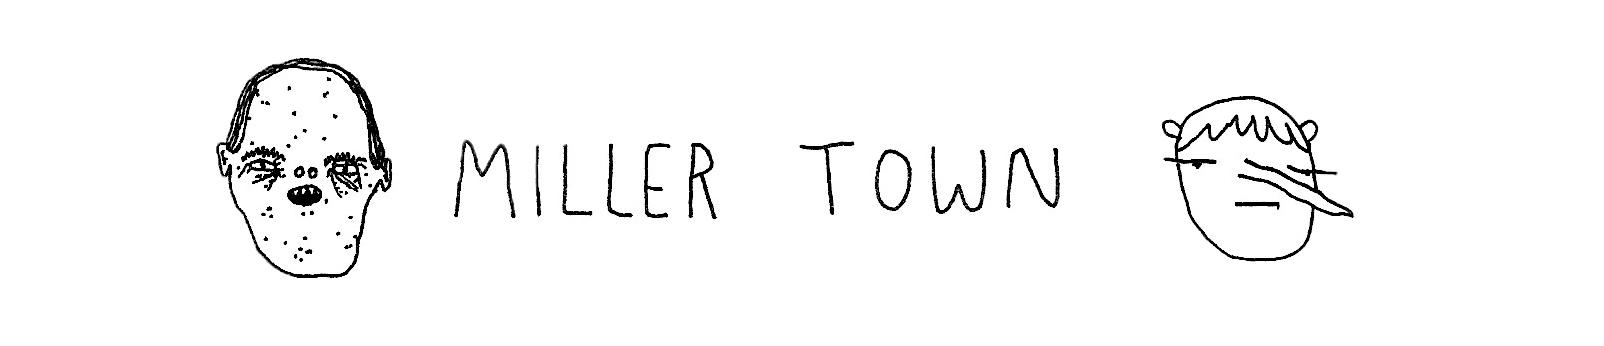 Miller Town